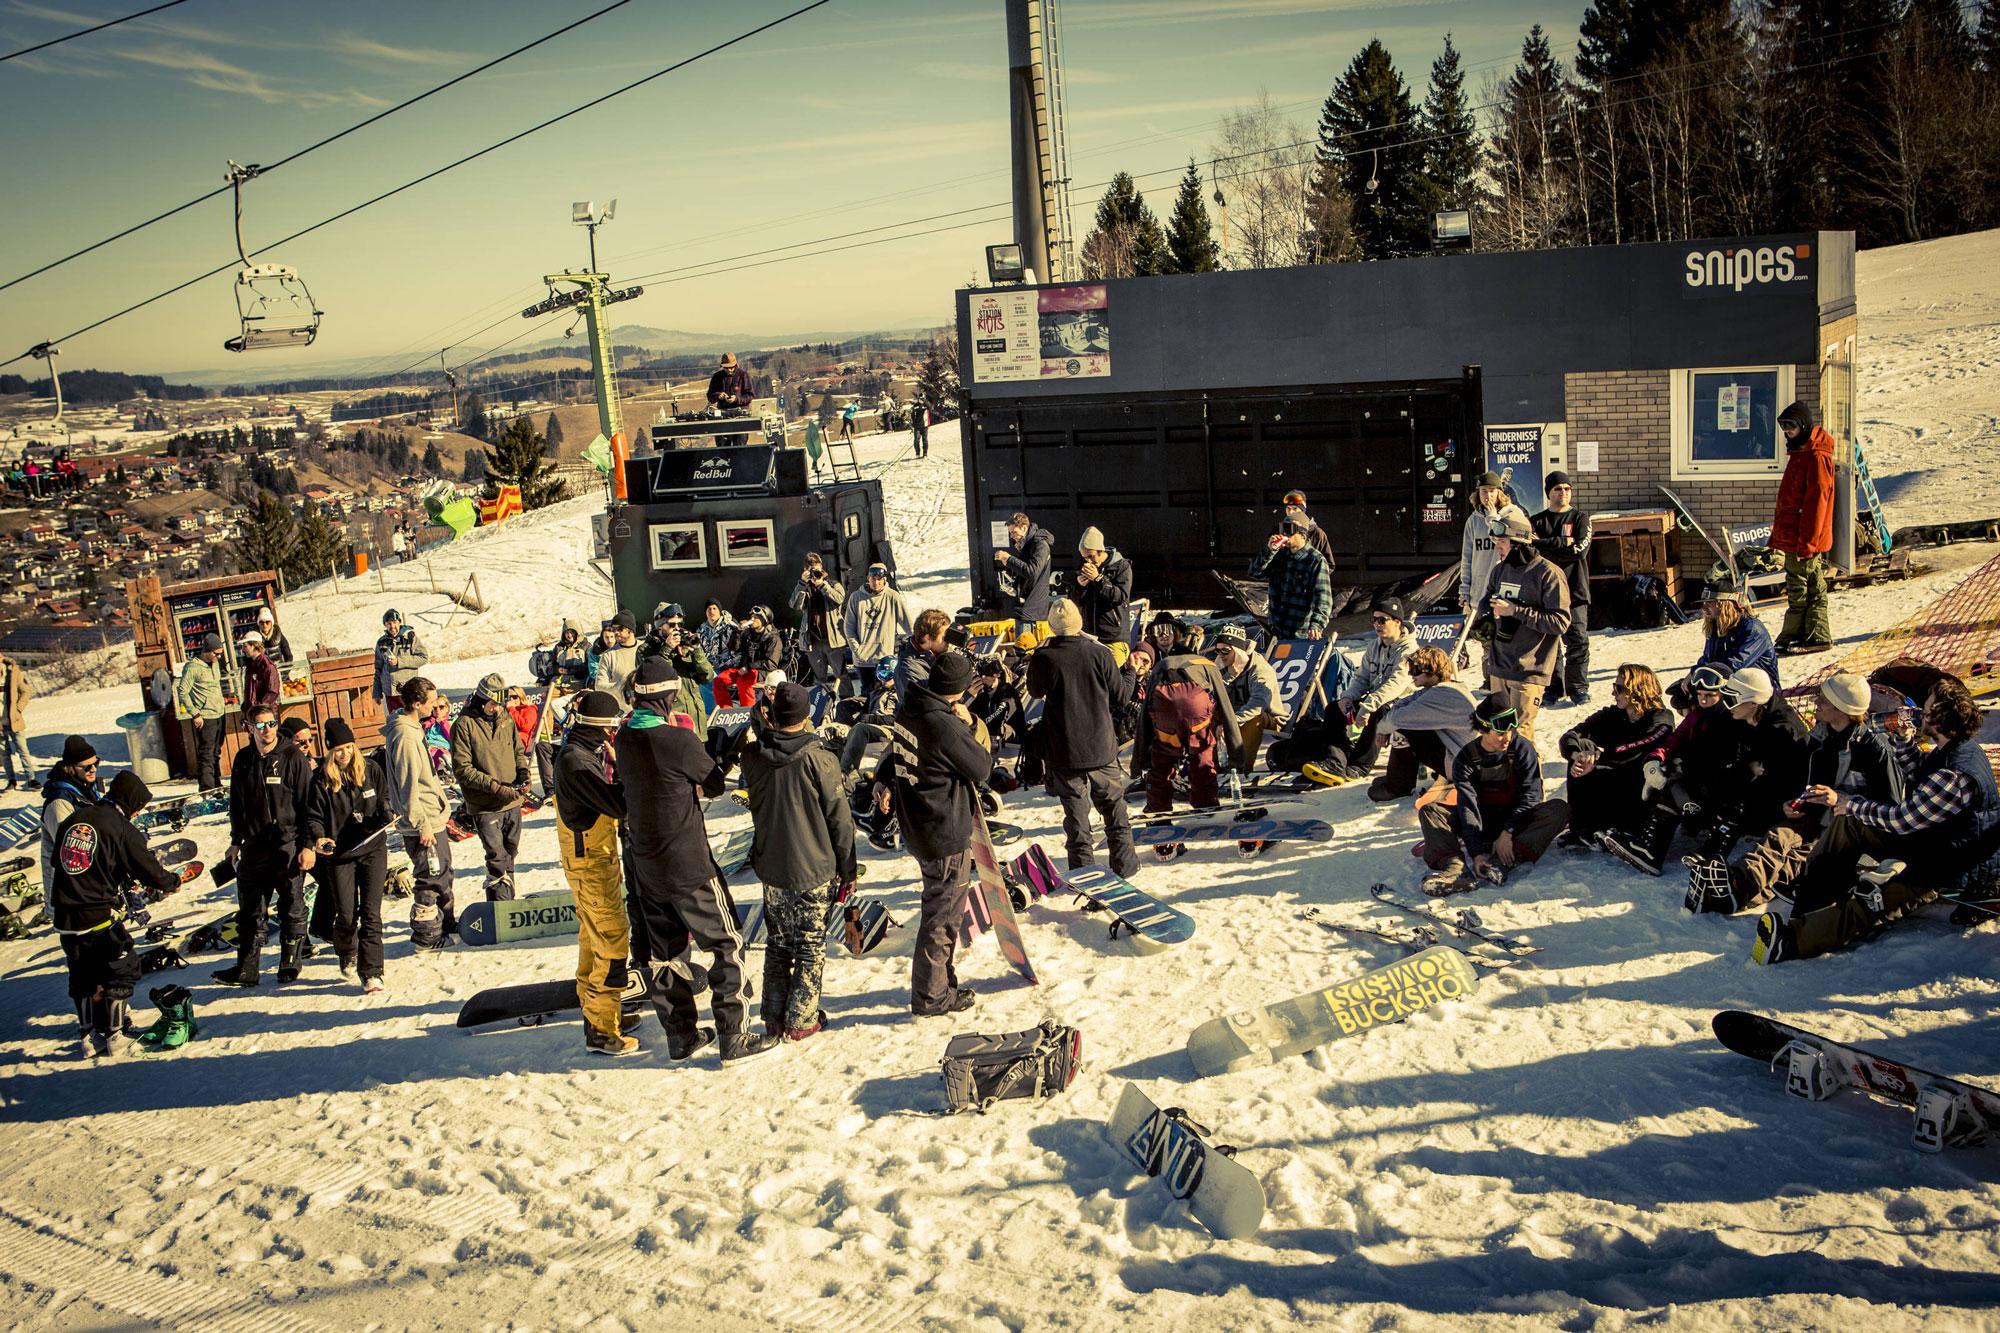 Station Riots crowd. Photo: Lorenz Holder